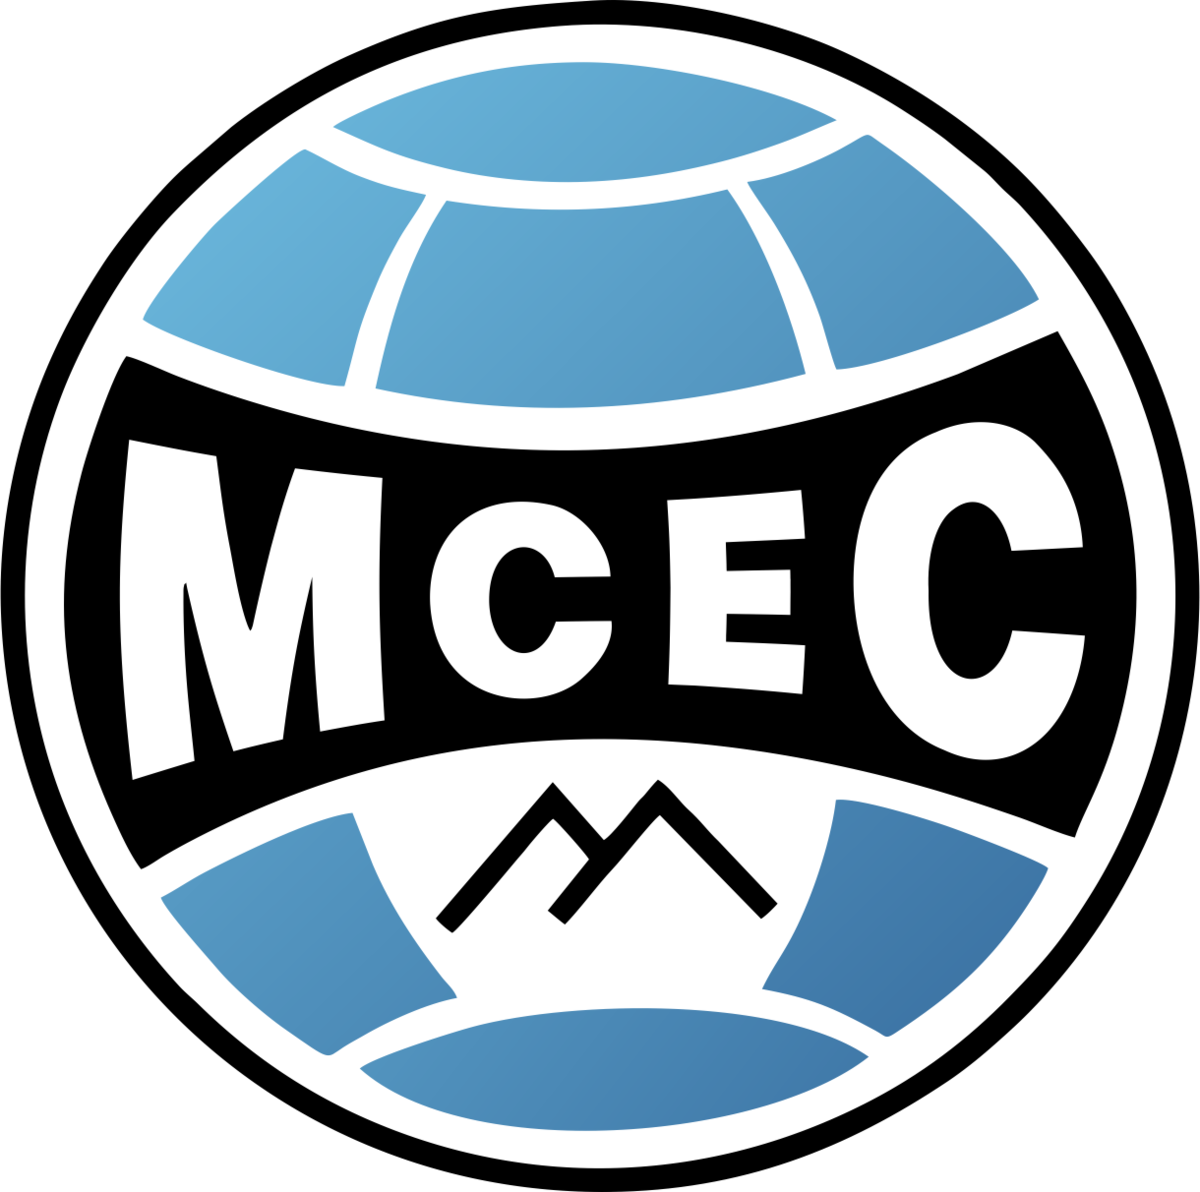 Montes Claros Esporte Clube – Wikipédia c6167f46704ef